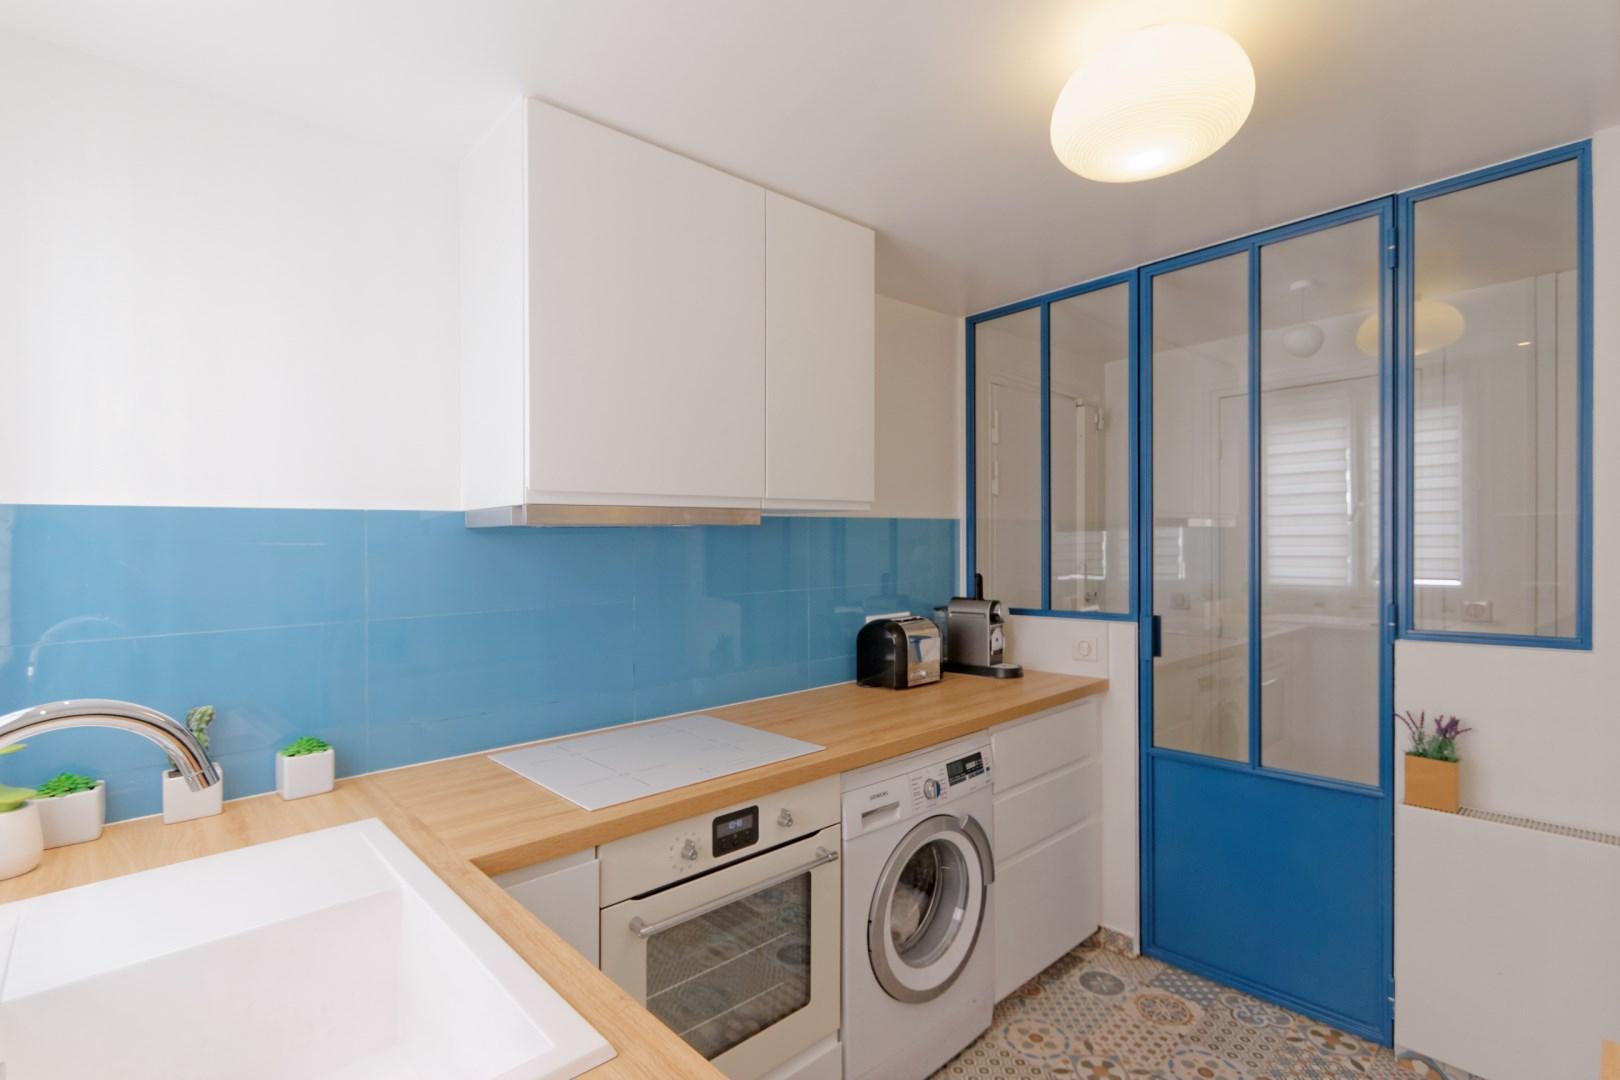 Verrire atelier carreaux ciment ambiance bleu canard